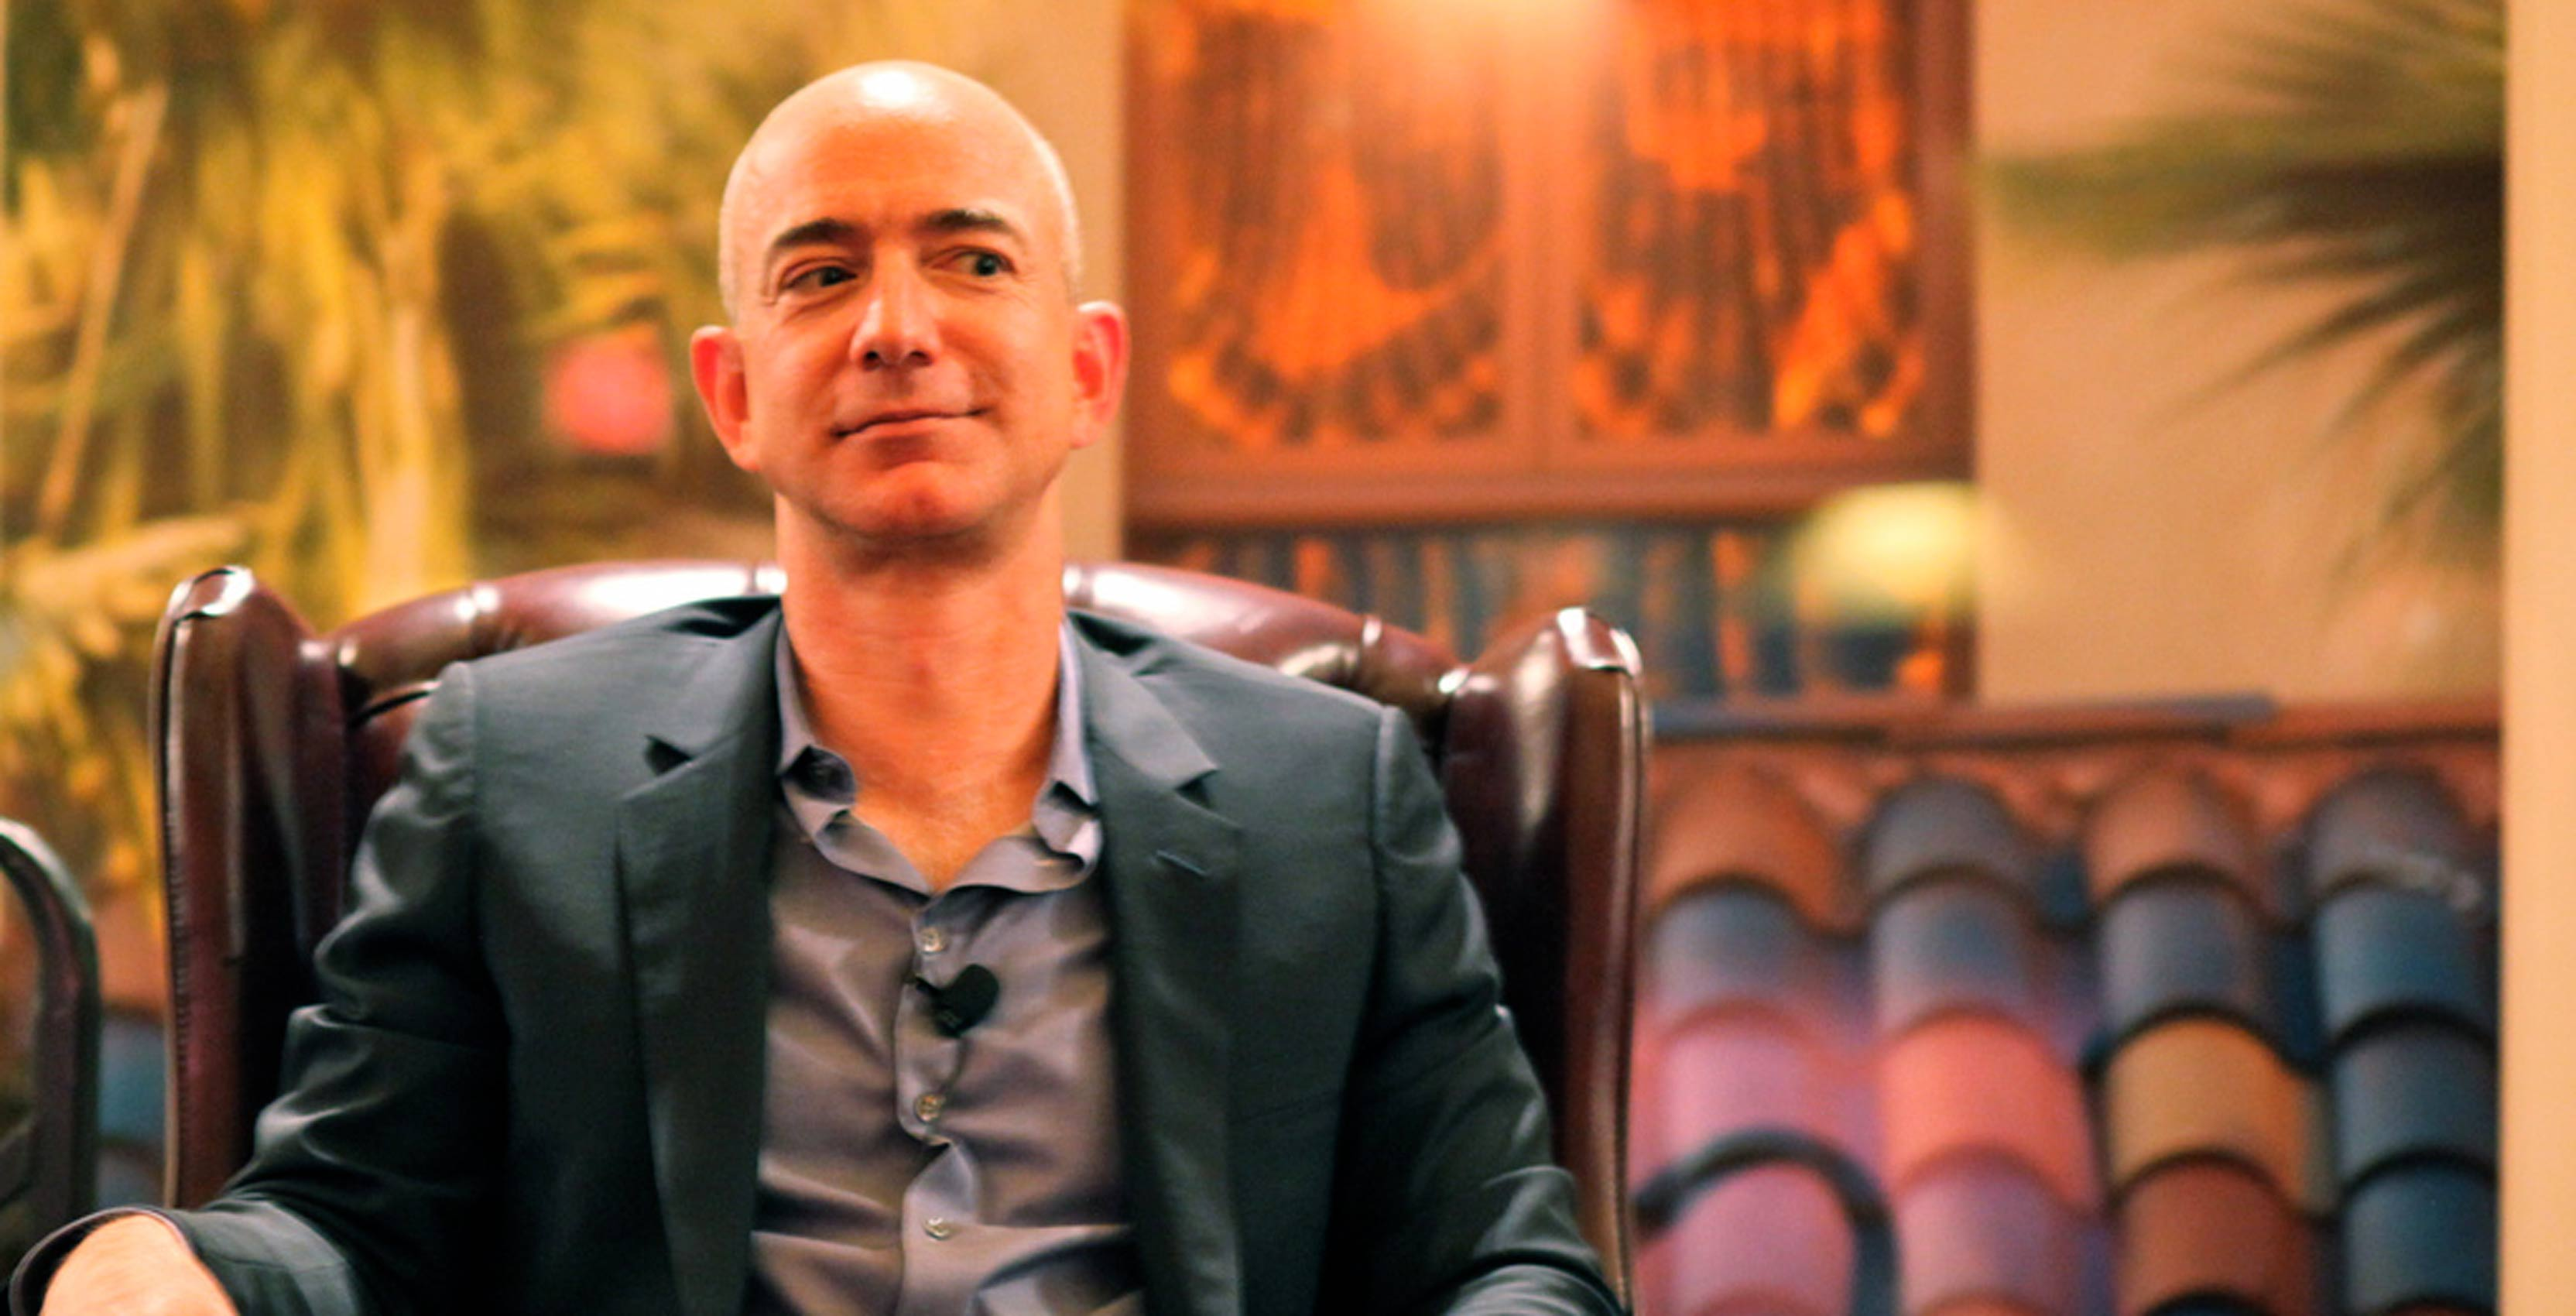 Portrait of Jeff Bezos